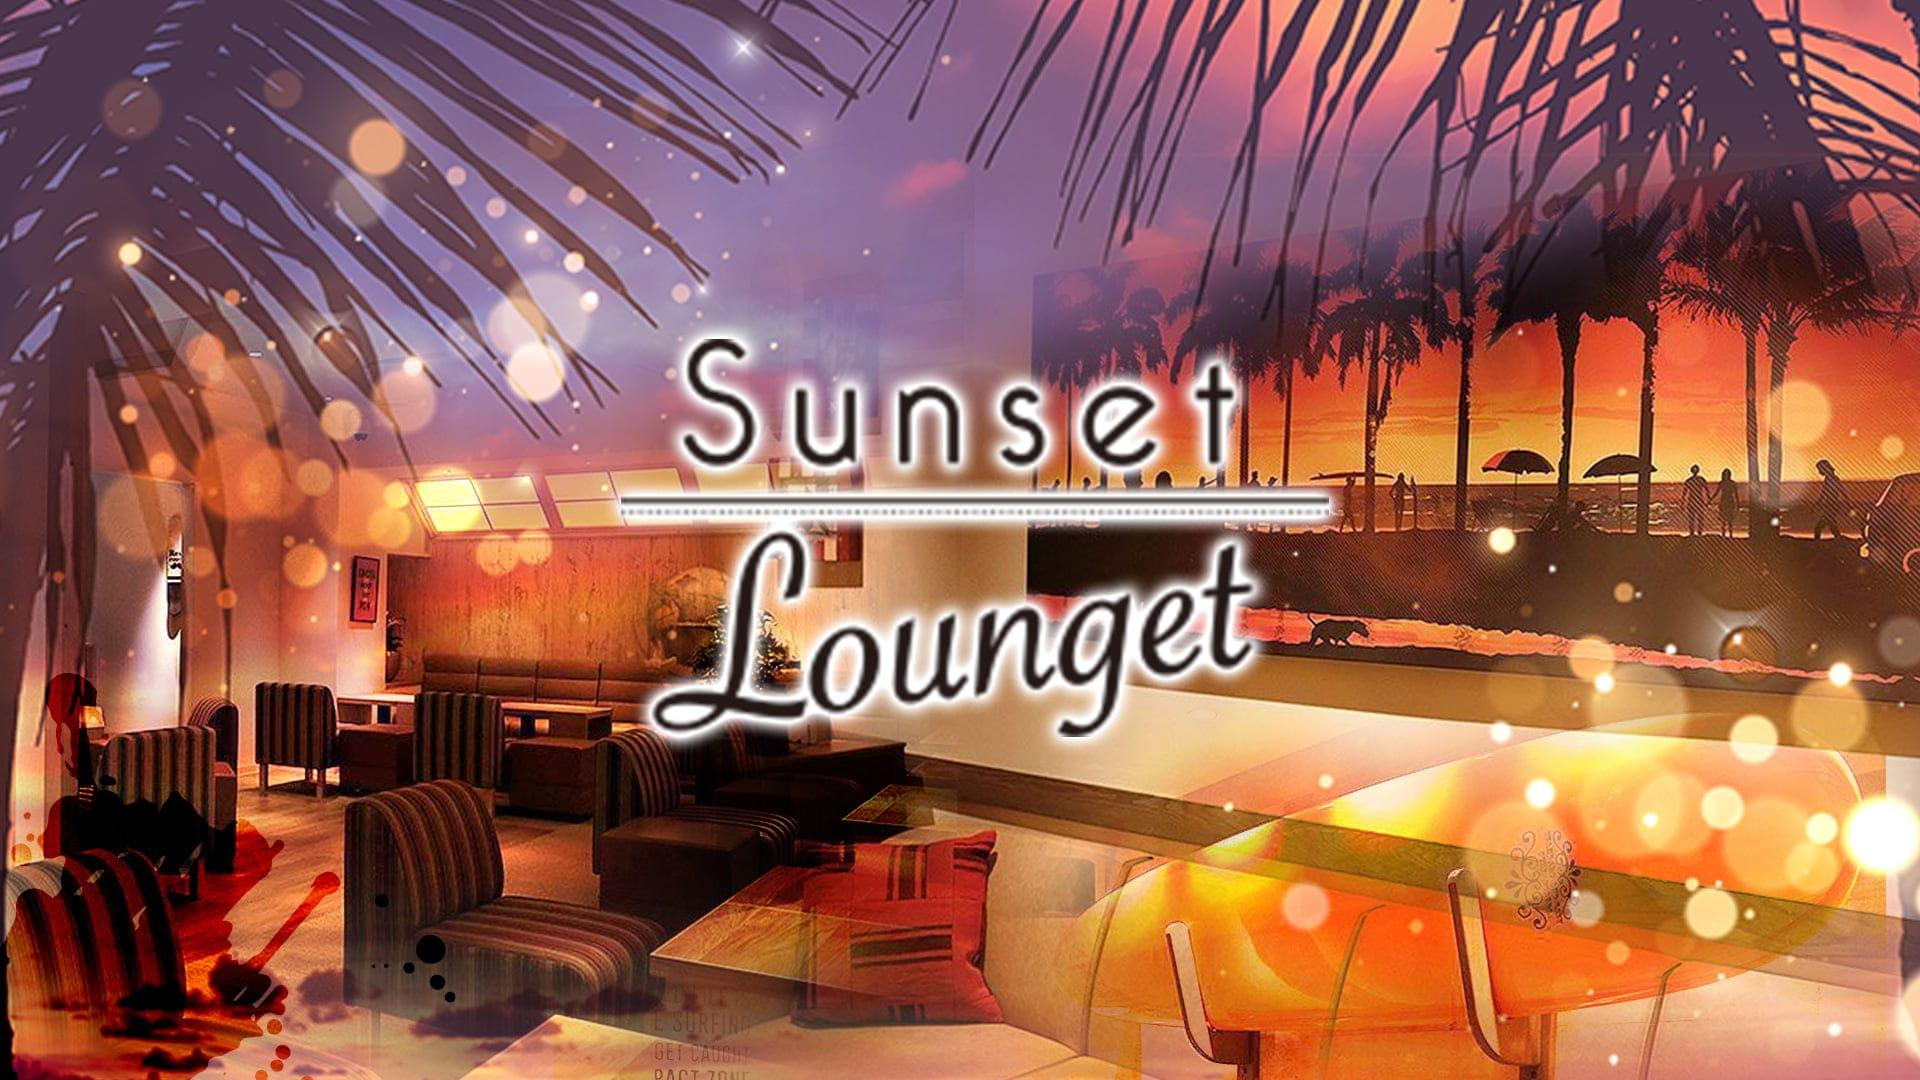 Sunset Lounget ~サンセットラウンジェット~祇園店 祇園キャバクラ TOP画像